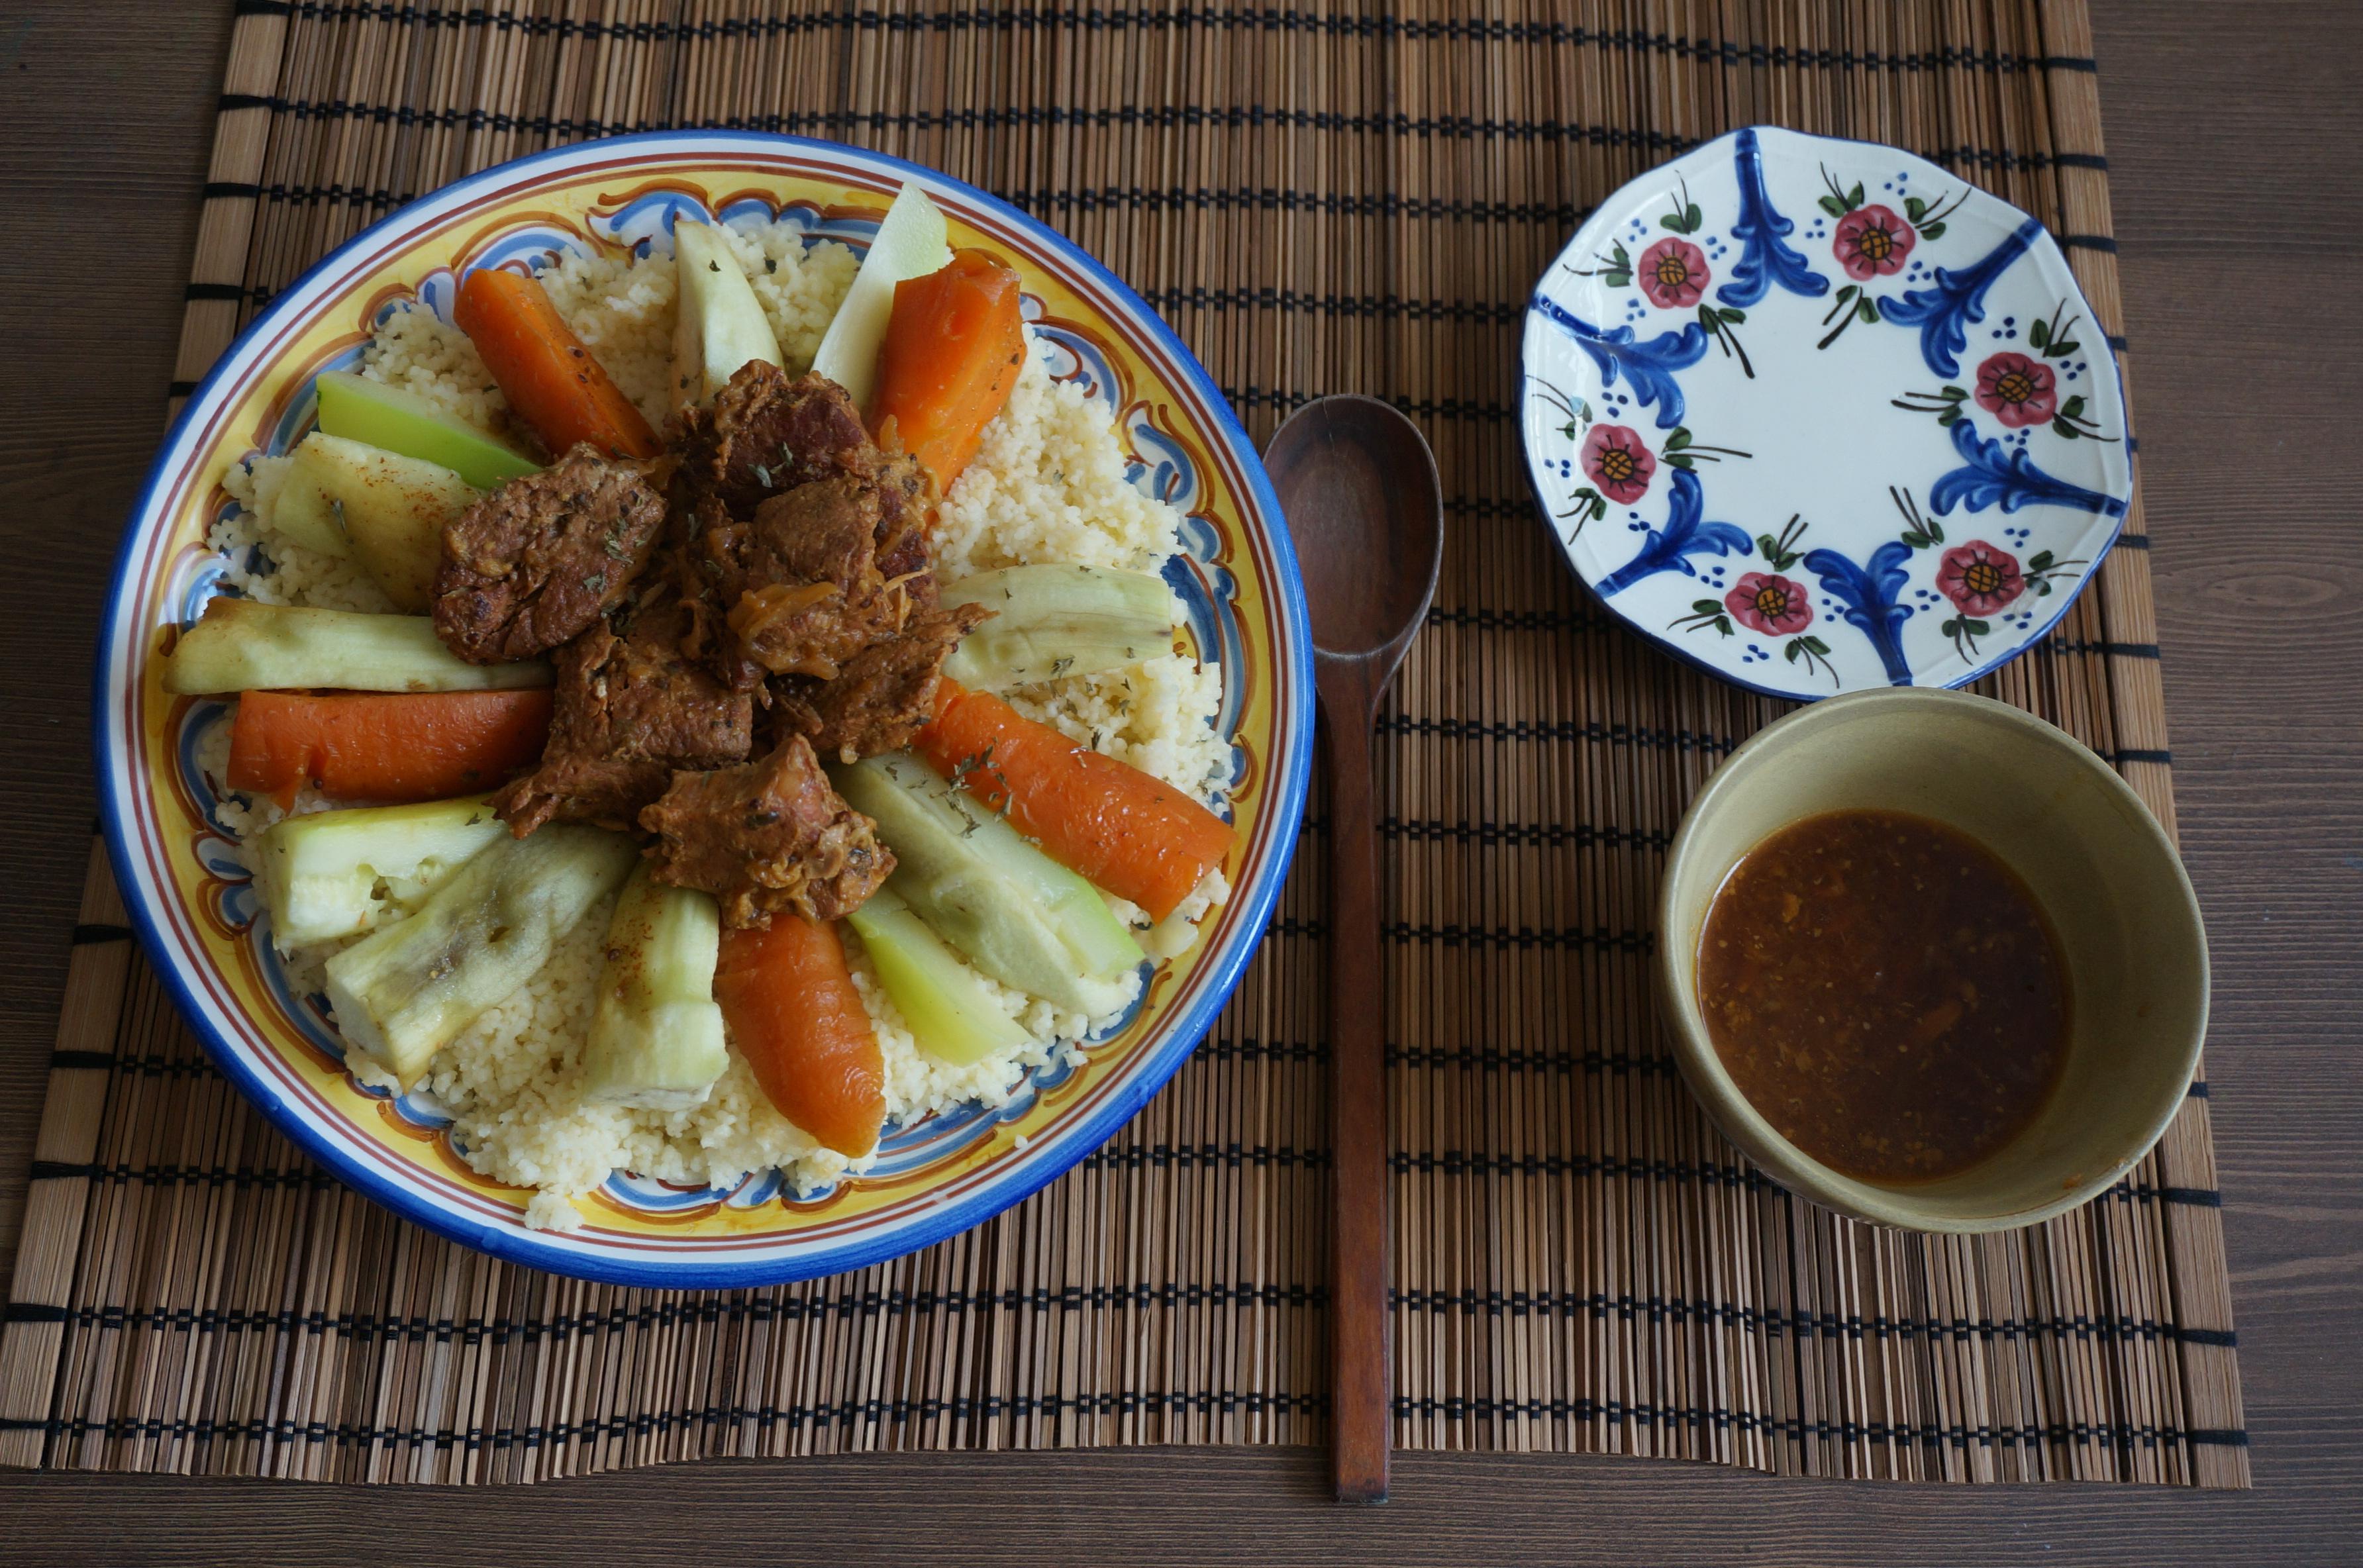 모로코식 쿠스쿠스 요리 - 자취방에서 모로코 여행